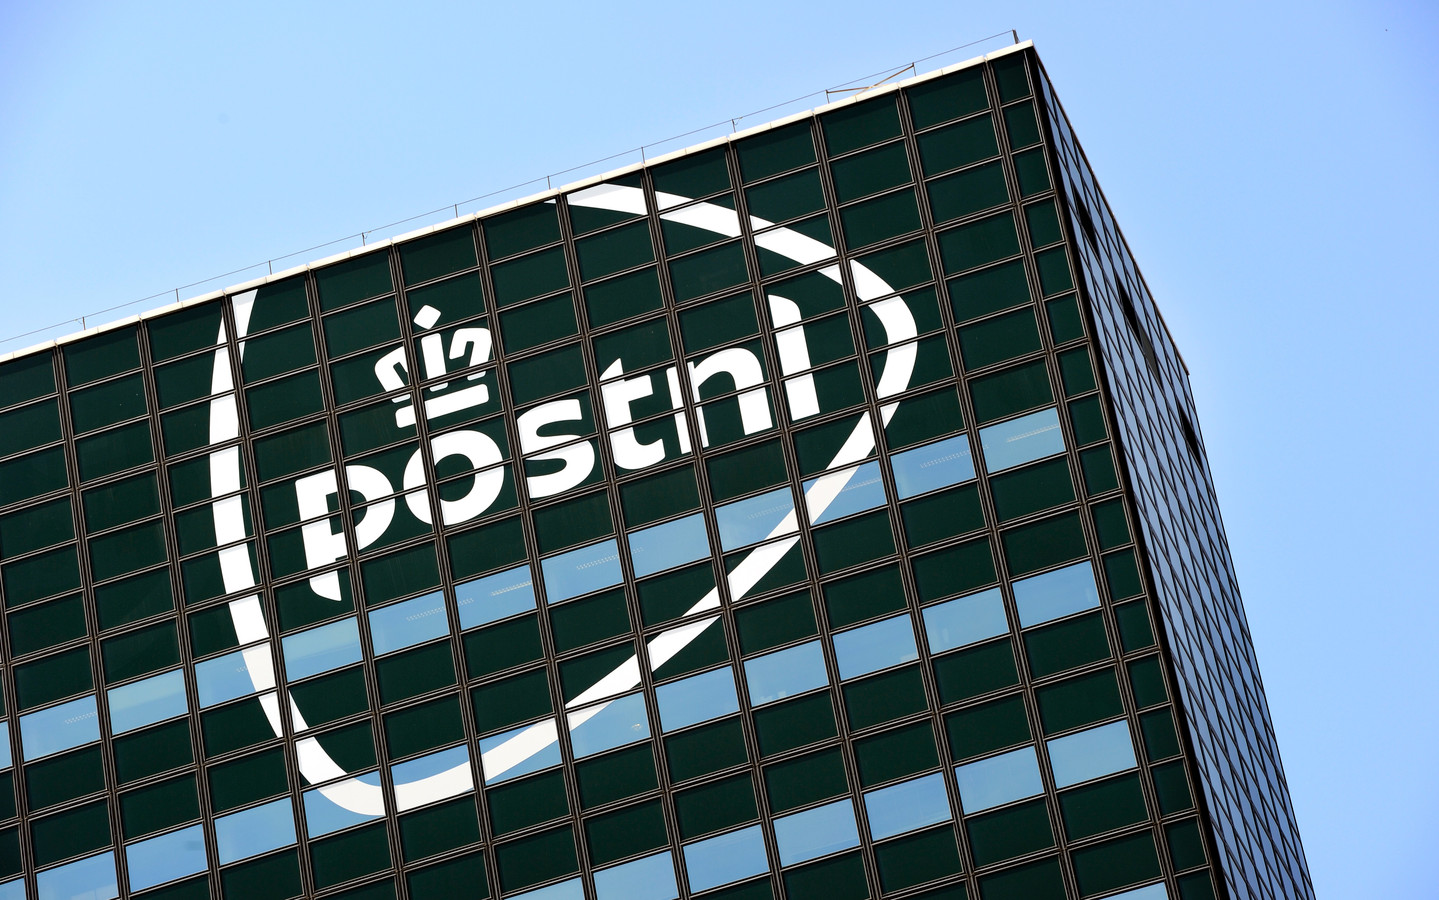 Het hoofdkantoor van PostNL in Den Haag